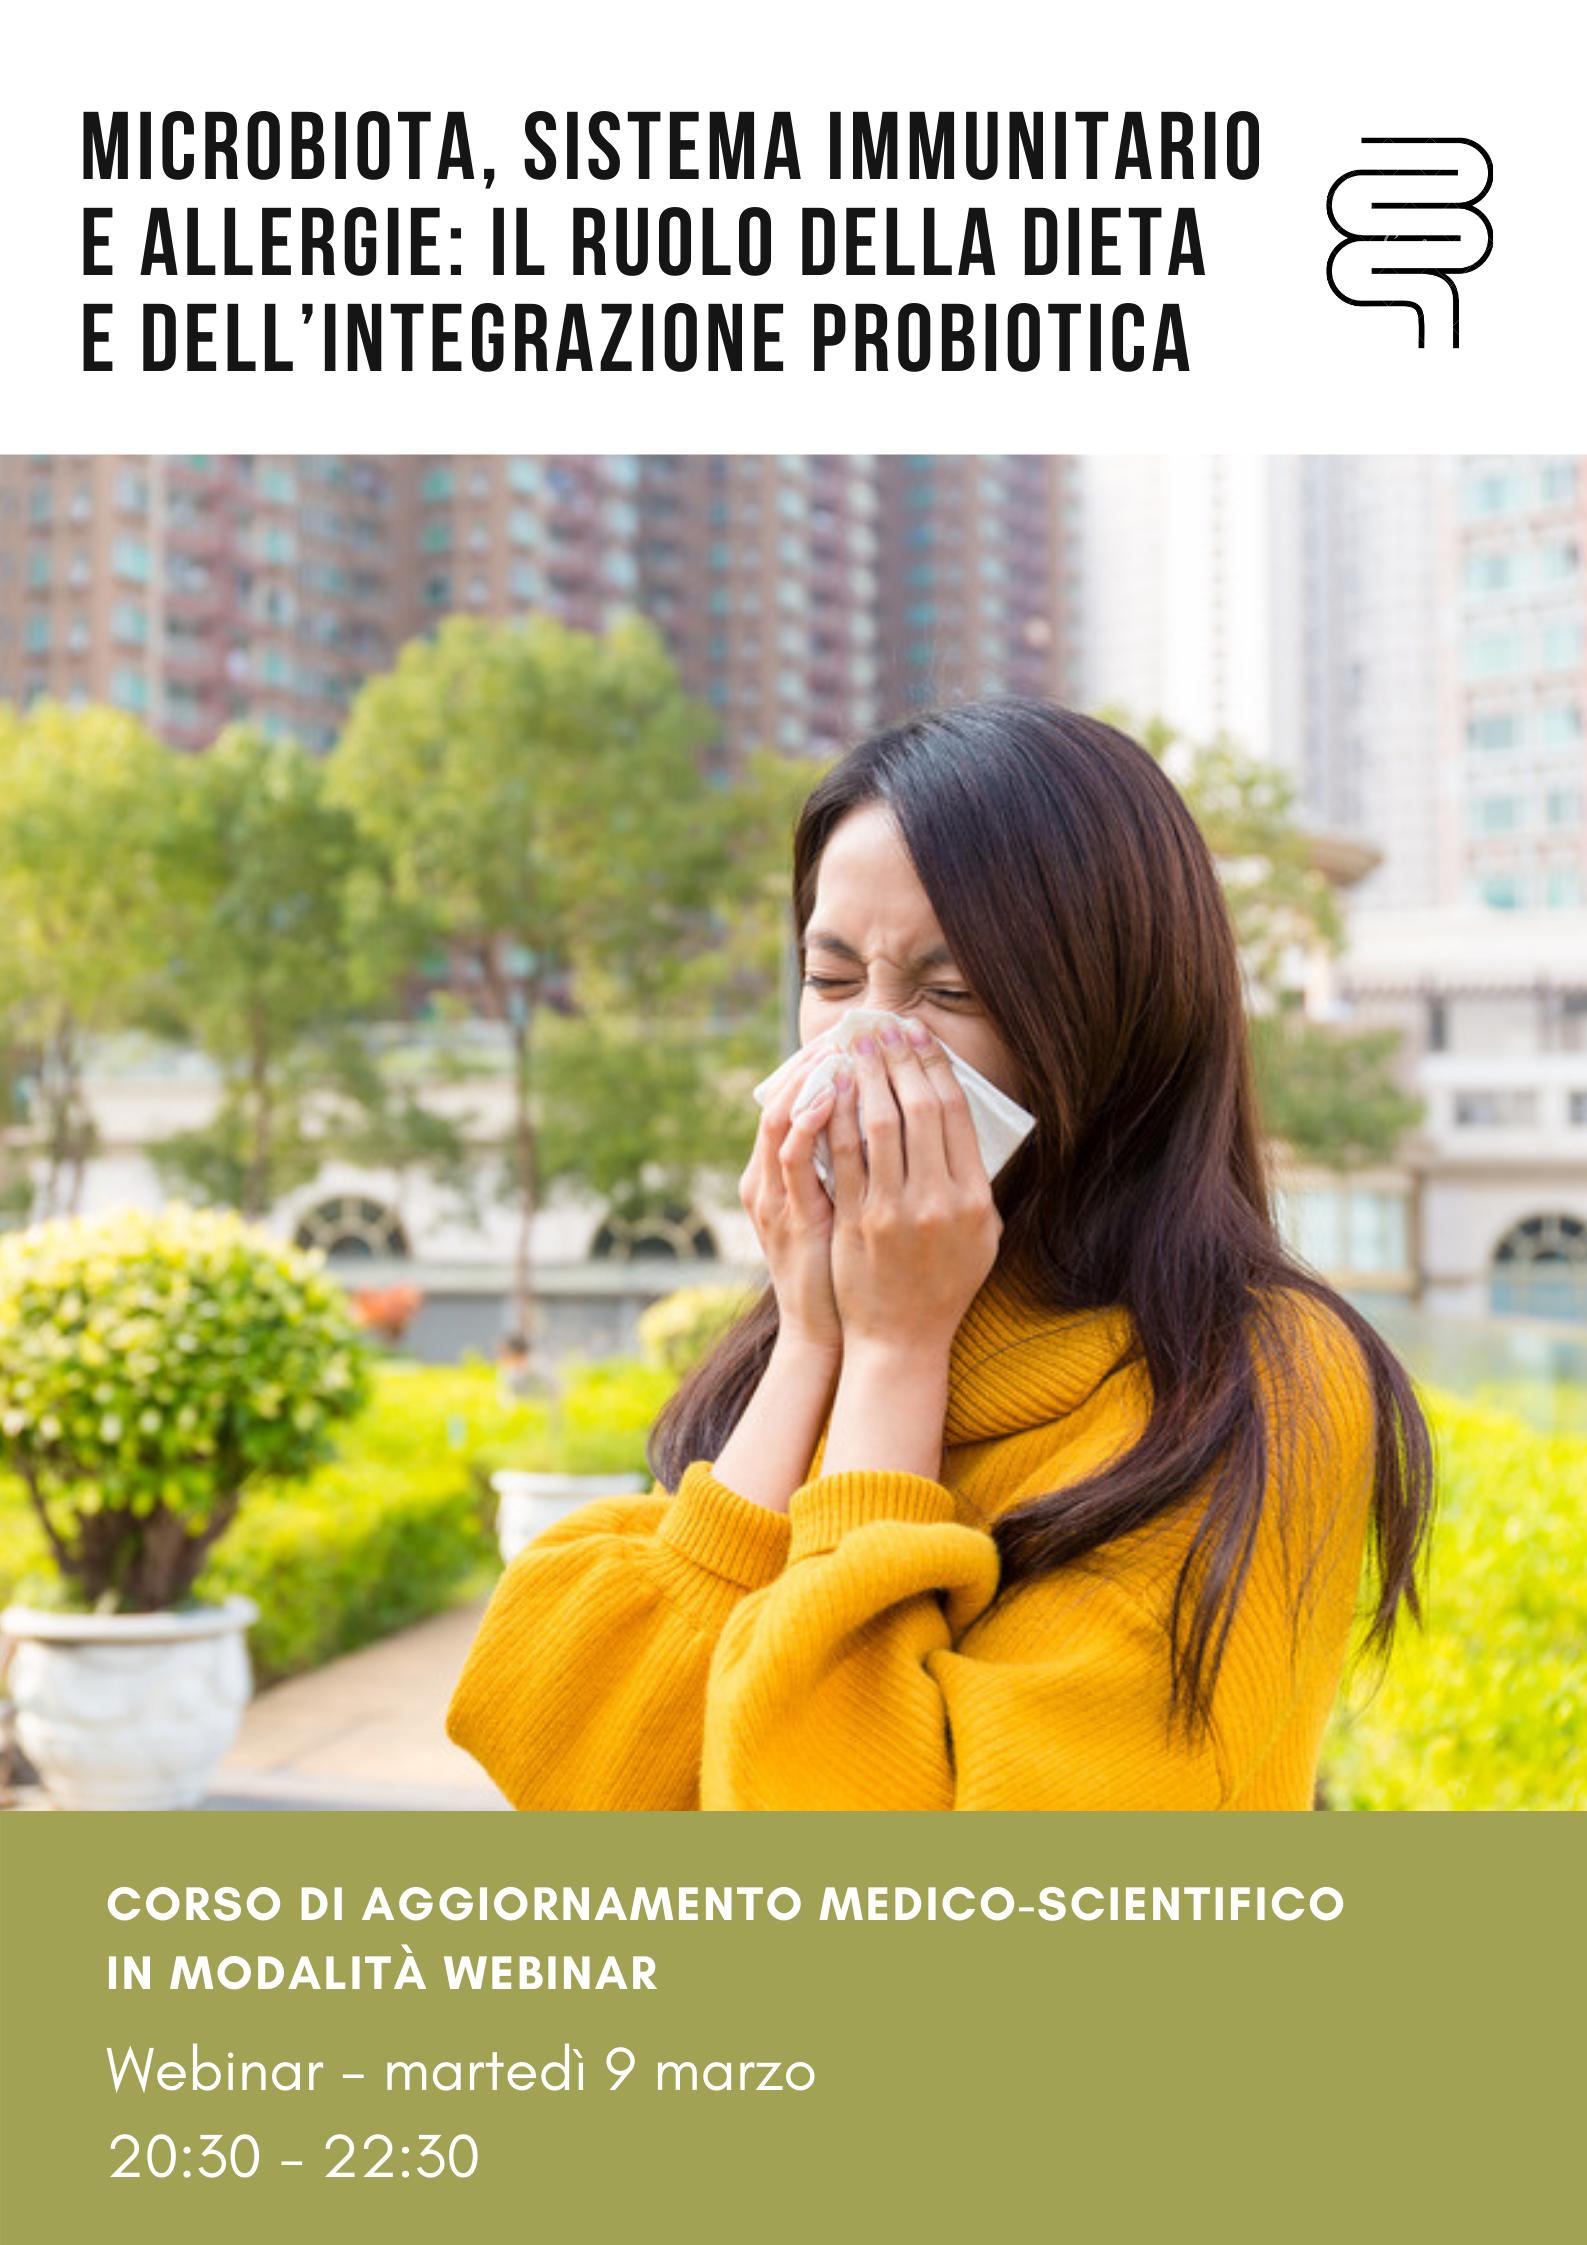 Microbiota, sistema immunitario e allergie: il ruolo della dieta e dell'integrazione probiotica